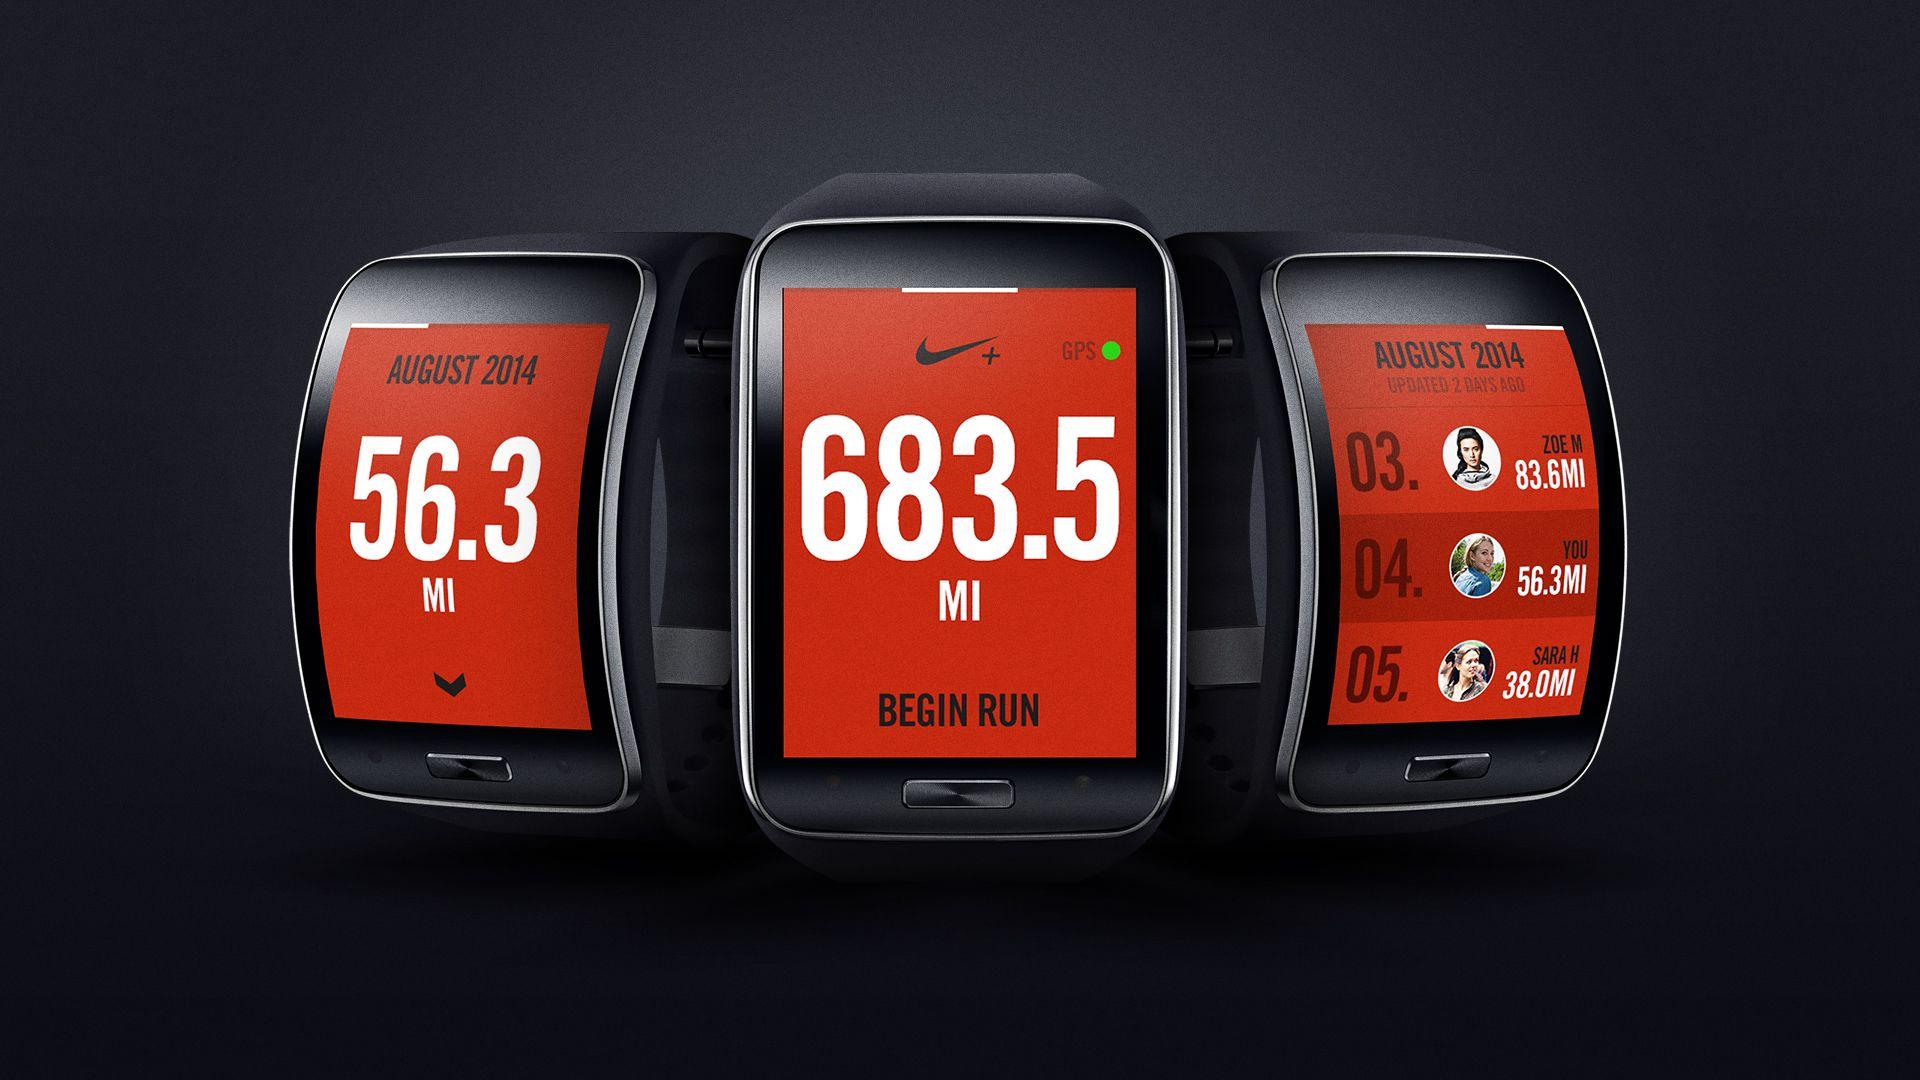 Gear S app